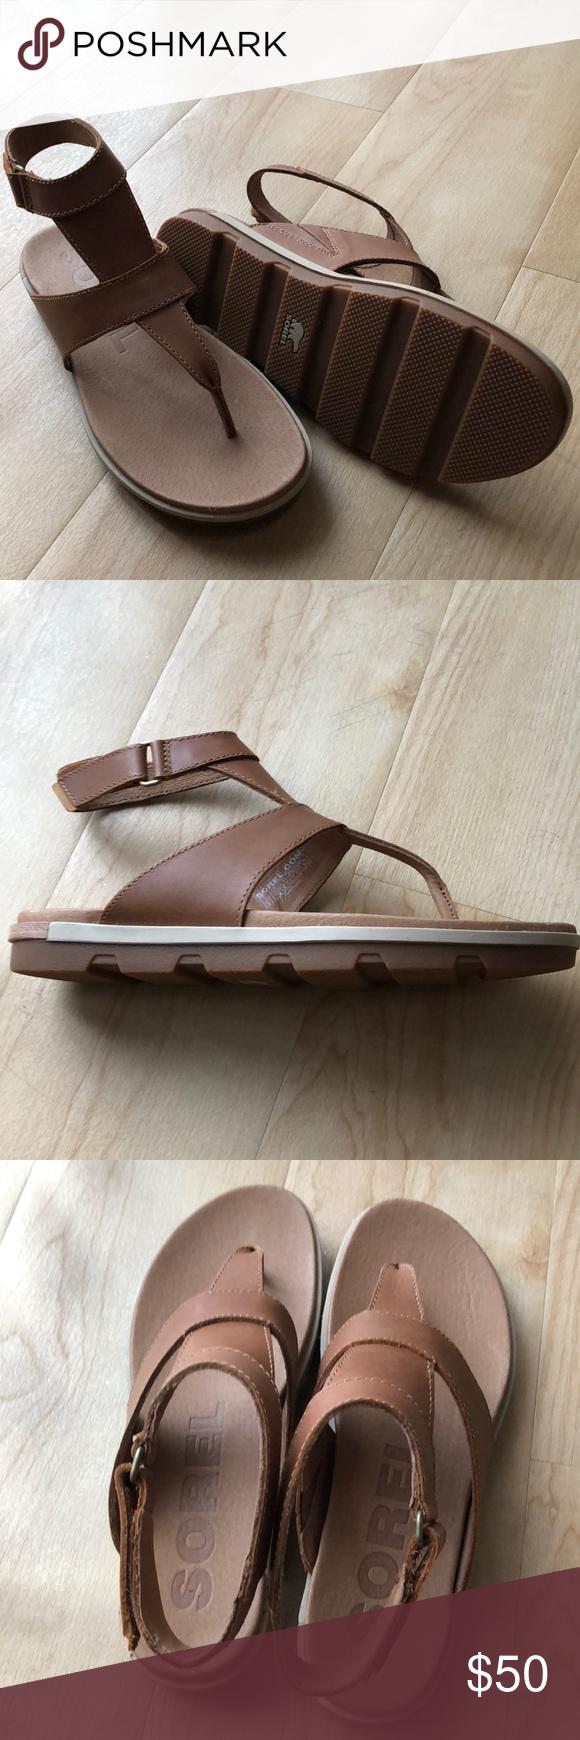 18d27bc7cc4f41 New Sorel Torpeda ankle strap sandals Never worn camel brown Sorel ...